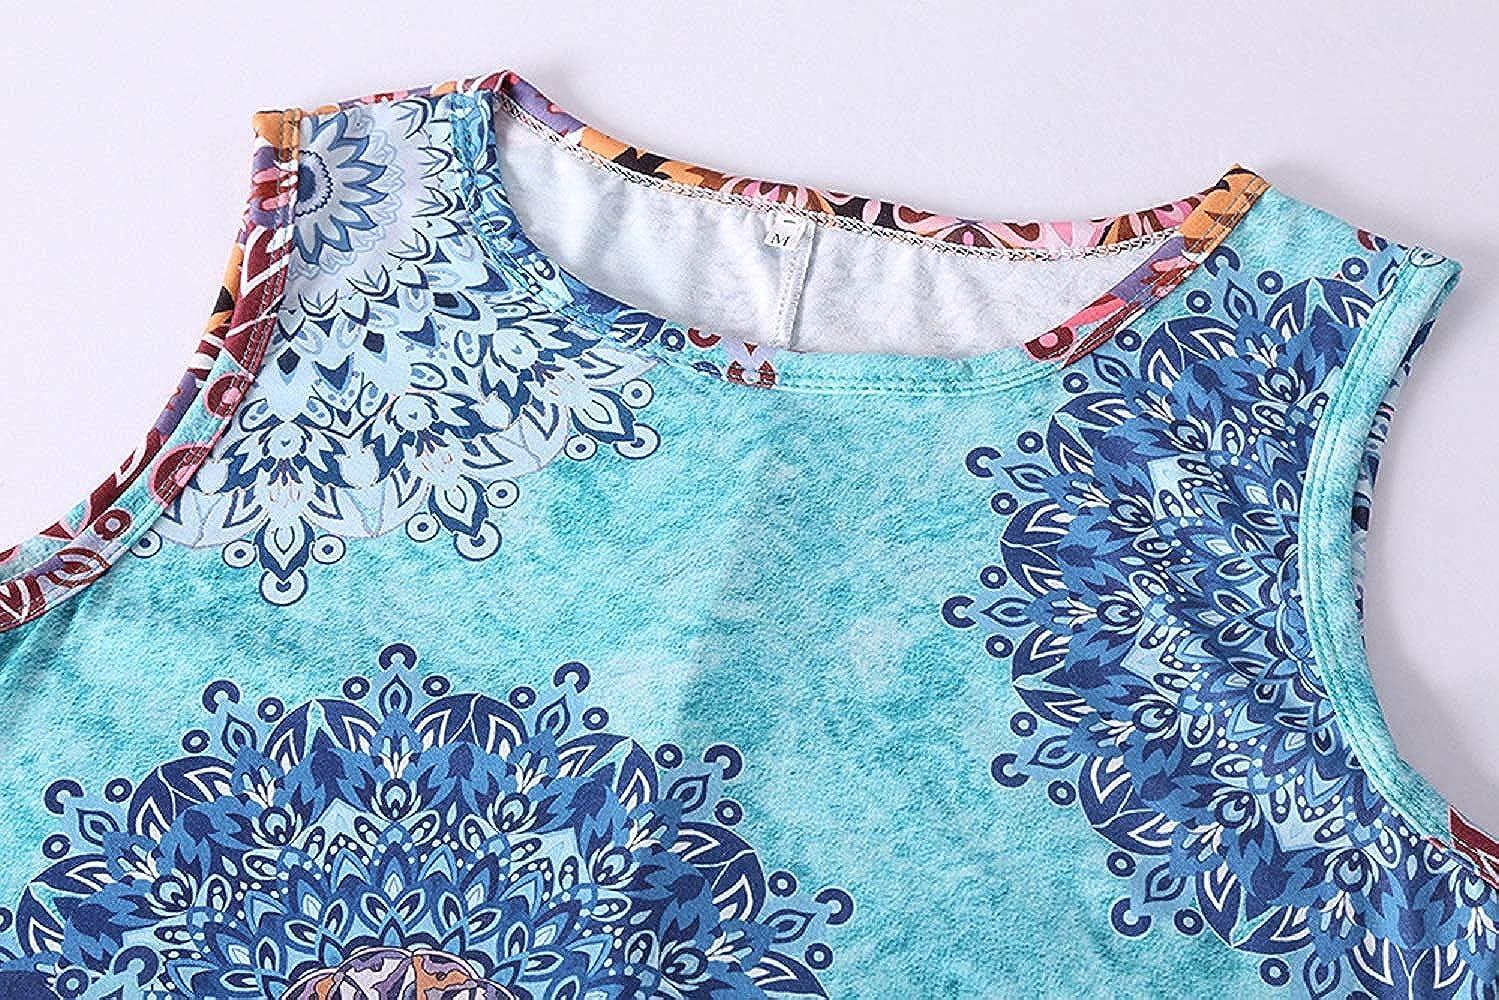 Vestito Senza Maniche Donna Abiti Estivo Corto Casual Abito Copricostume Mare Vestiti Taglie Forti da Spiaggia Cocktail Cerimonia Partito Spiaggia